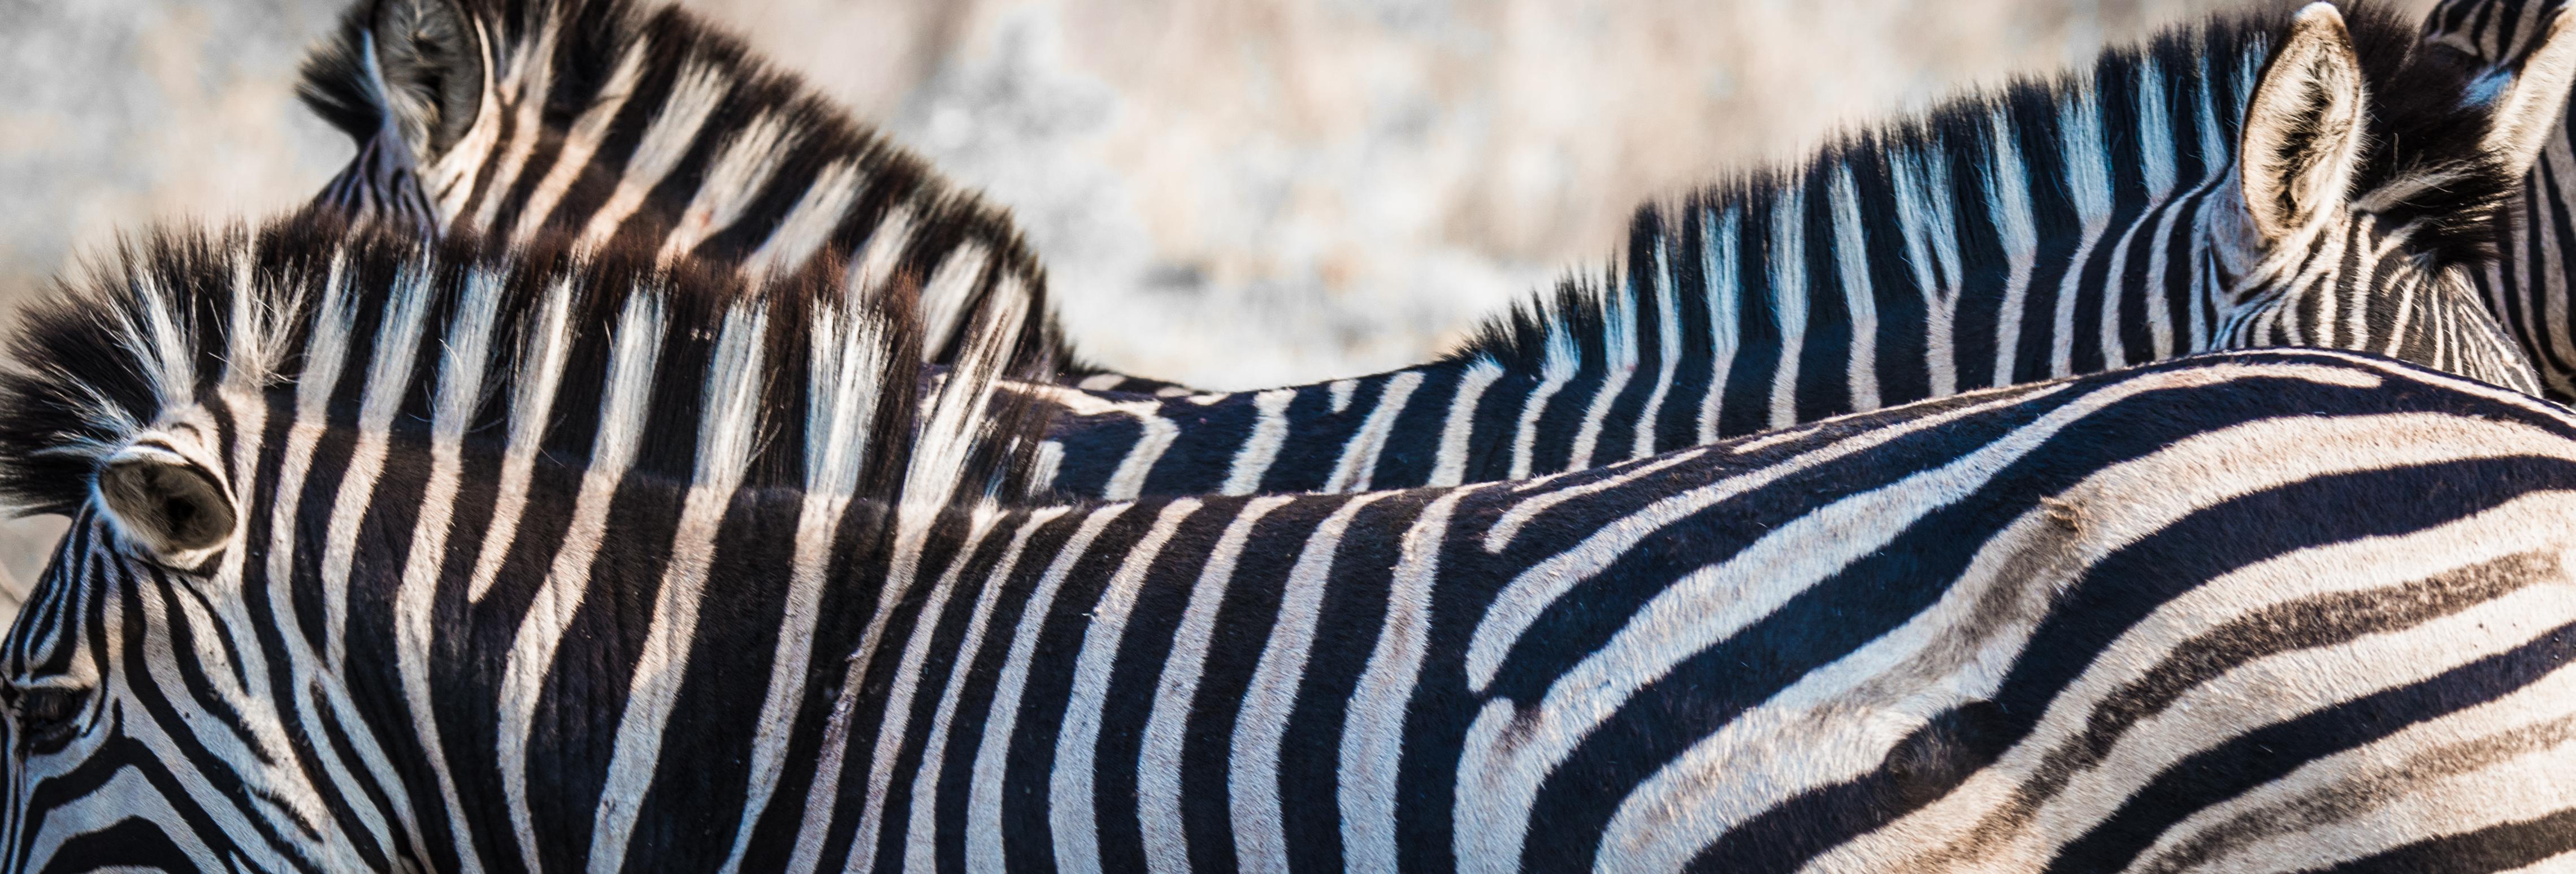 Zebra Backs